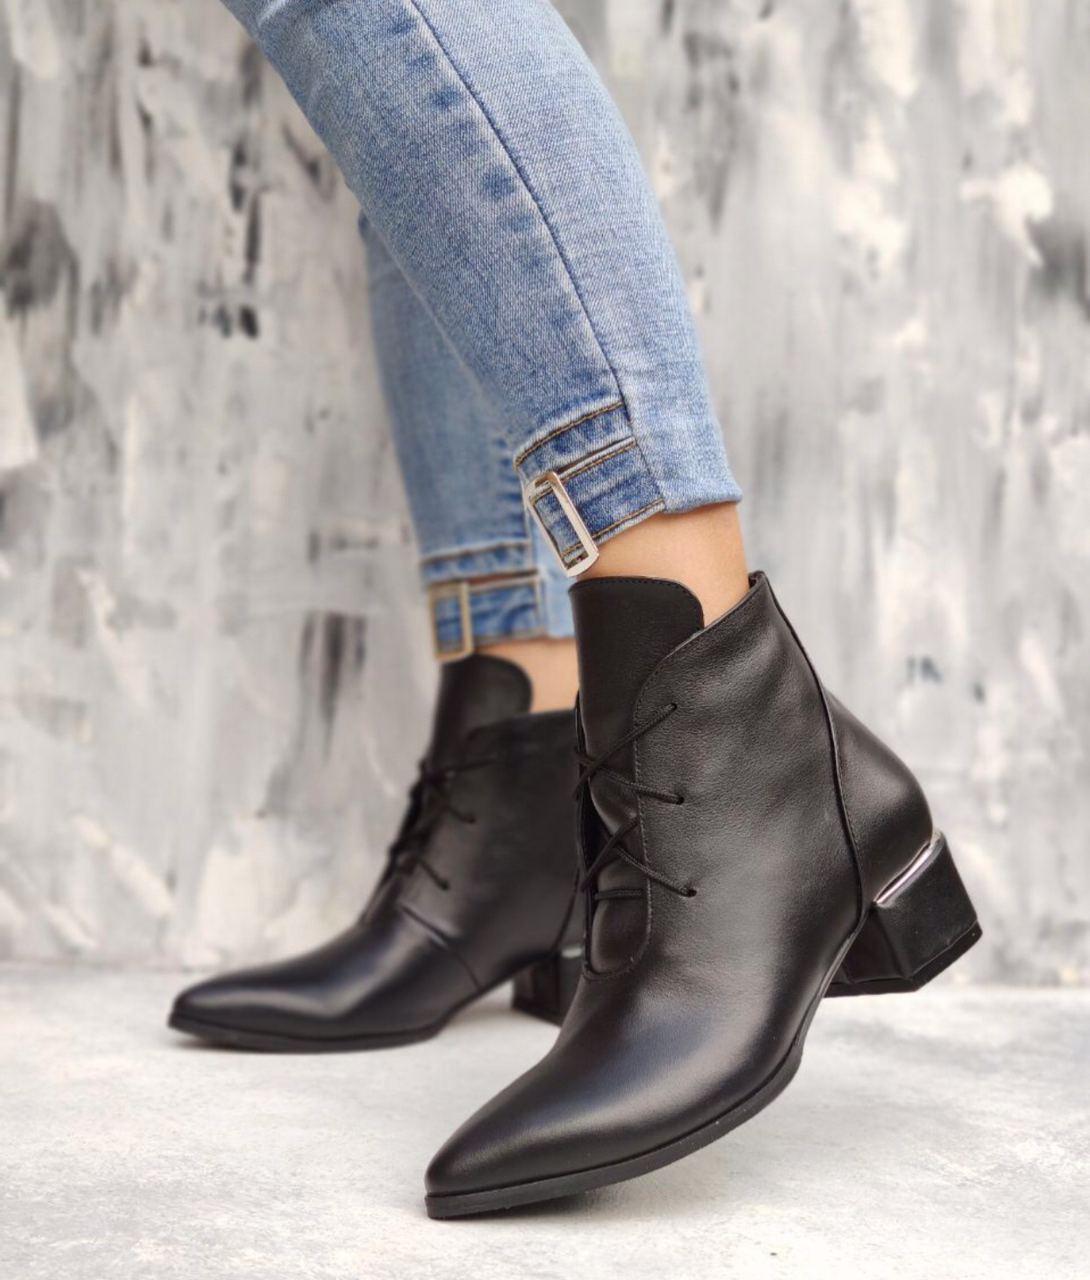 Классические модные остроносые ботиночки на шнурках и небольшом каблучке размер 36-40